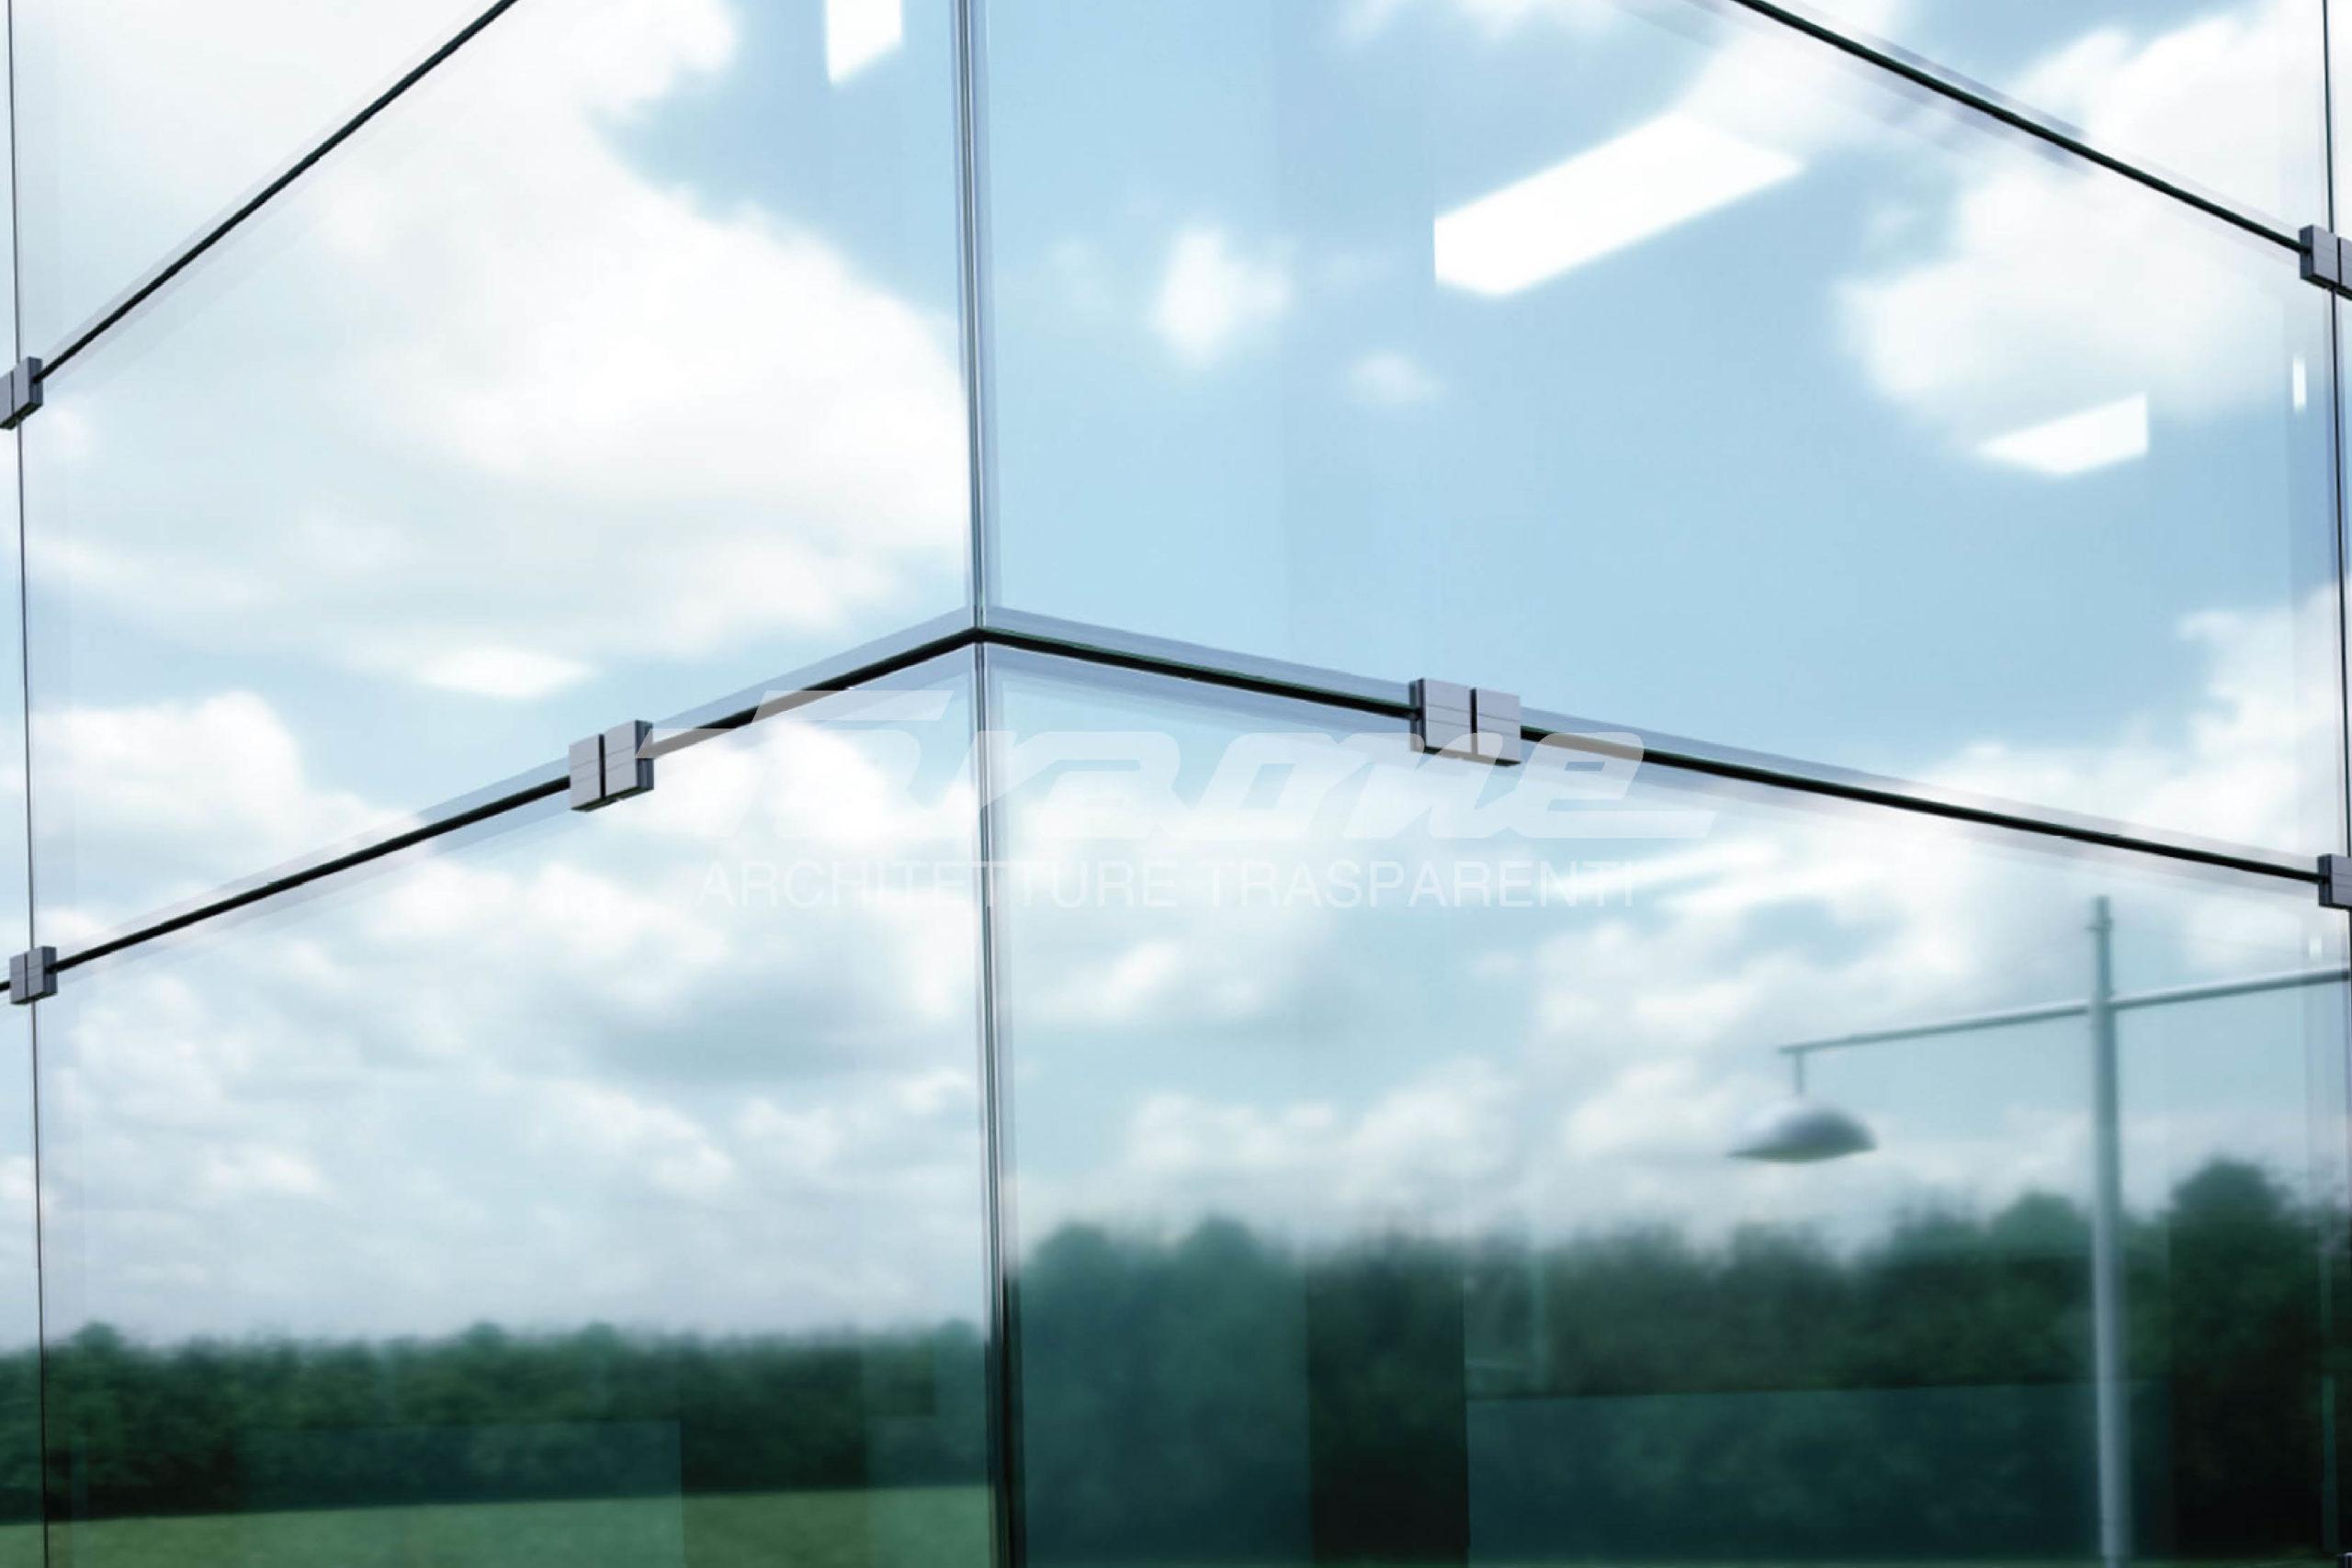 Facciate sospese di vetro e alluminio Klima color